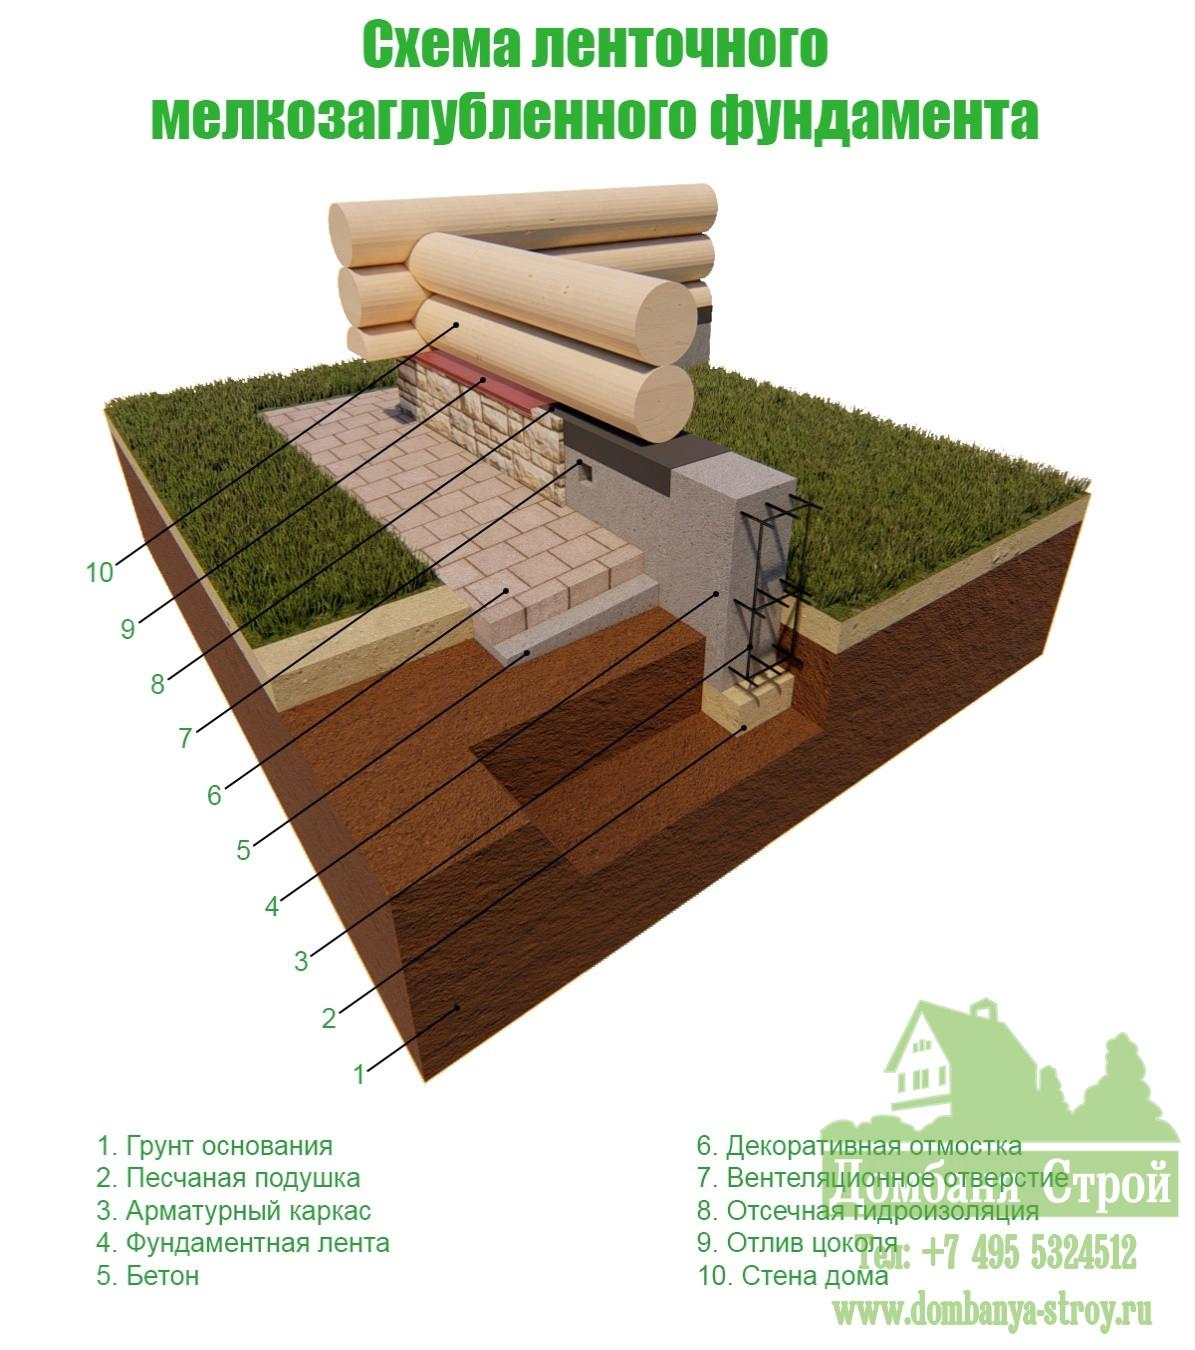 Мелкозаглубленный ленточный фундамент (мзлф) своими руками: пошаговая инструкция